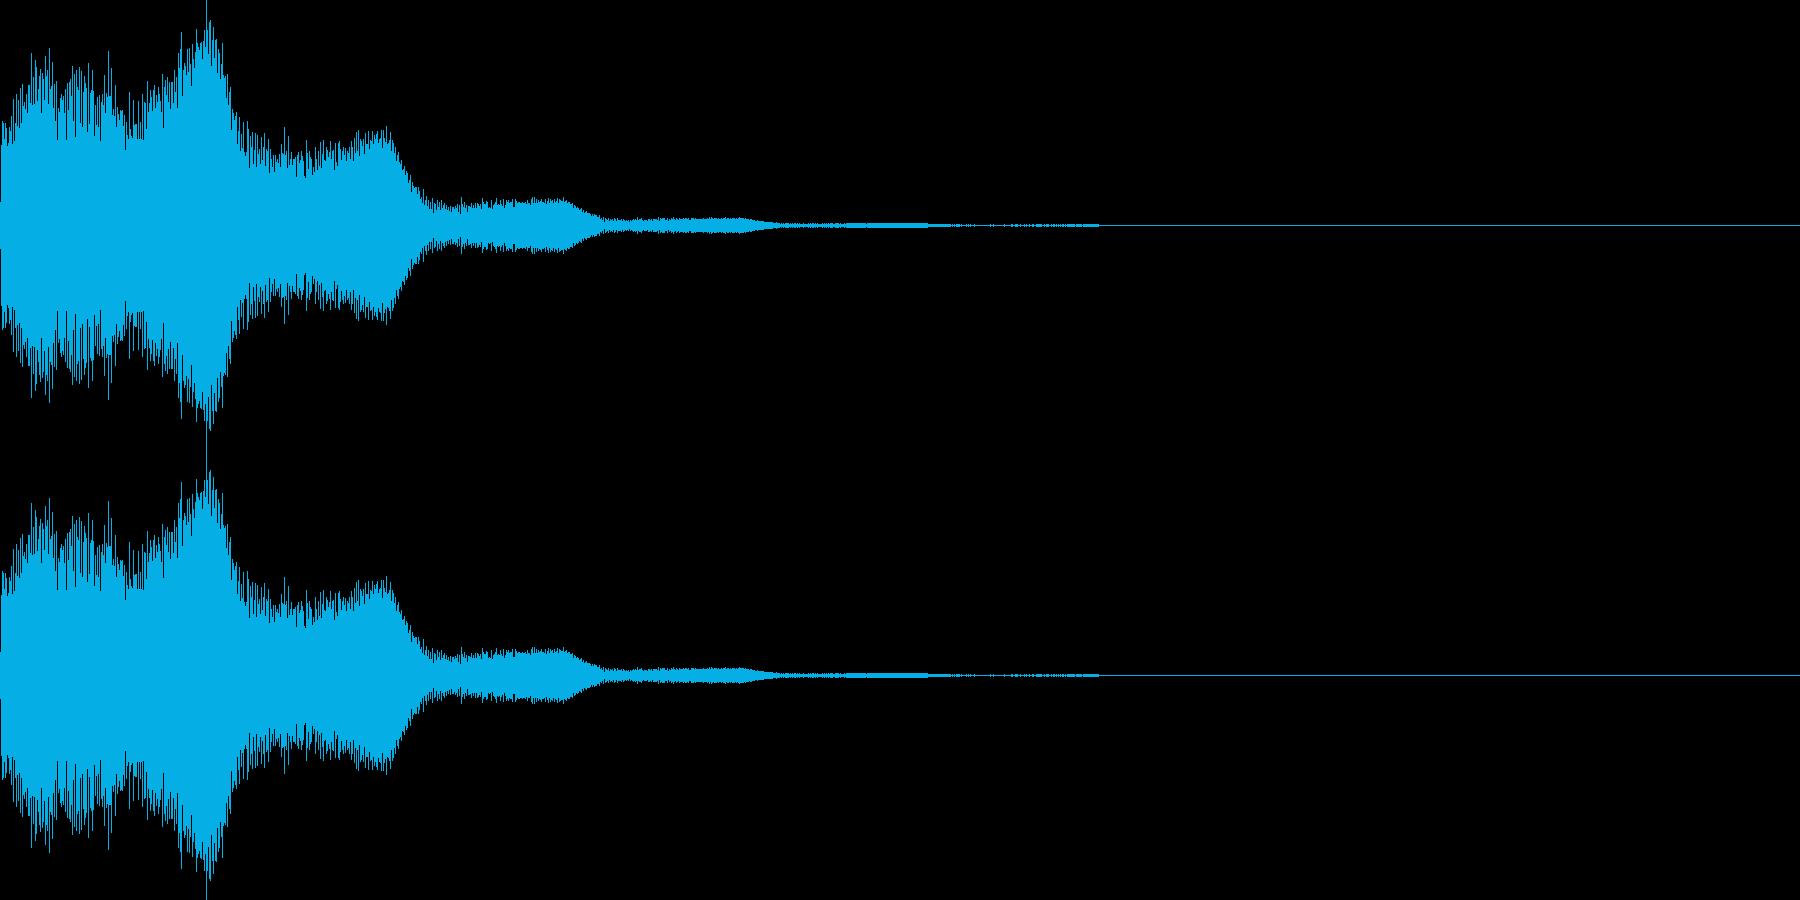 キラン(星、ボタン、決定、ボタン)の再生済みの波形